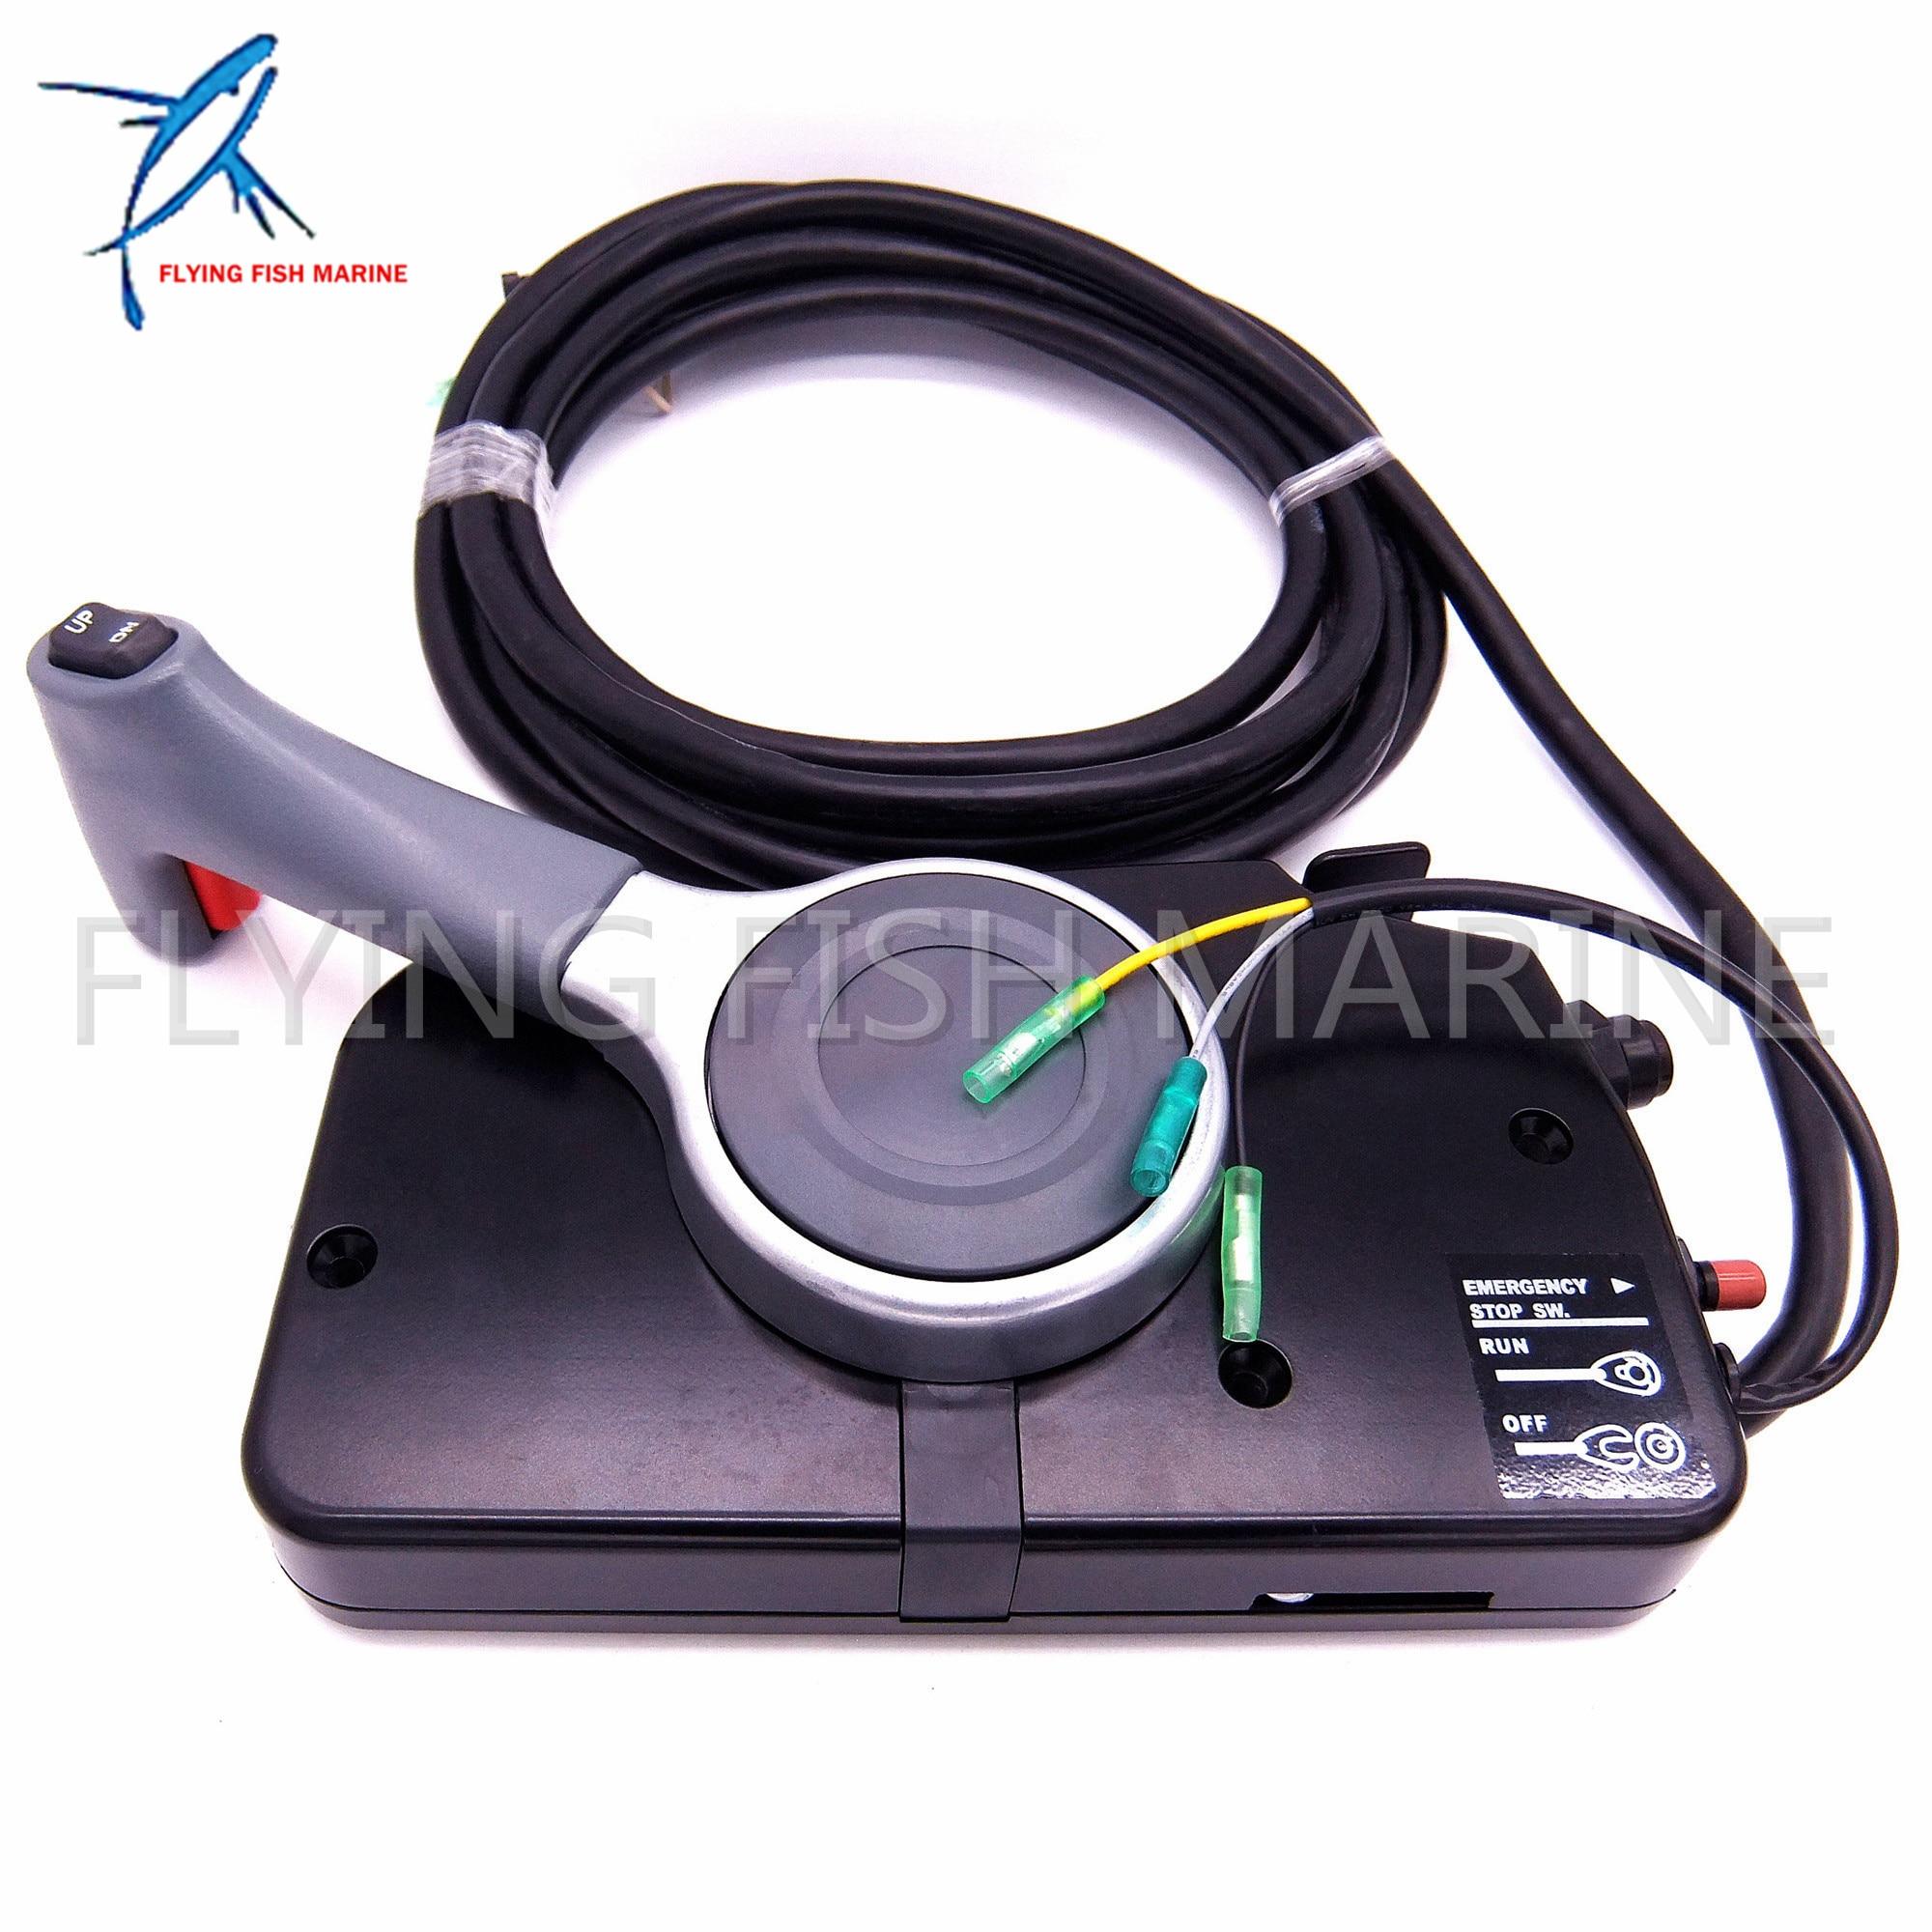 67200-99E56 Side Remote Control Box For Suzuki Outboard Motors With PT Push 67000-99E56 67200-99E71